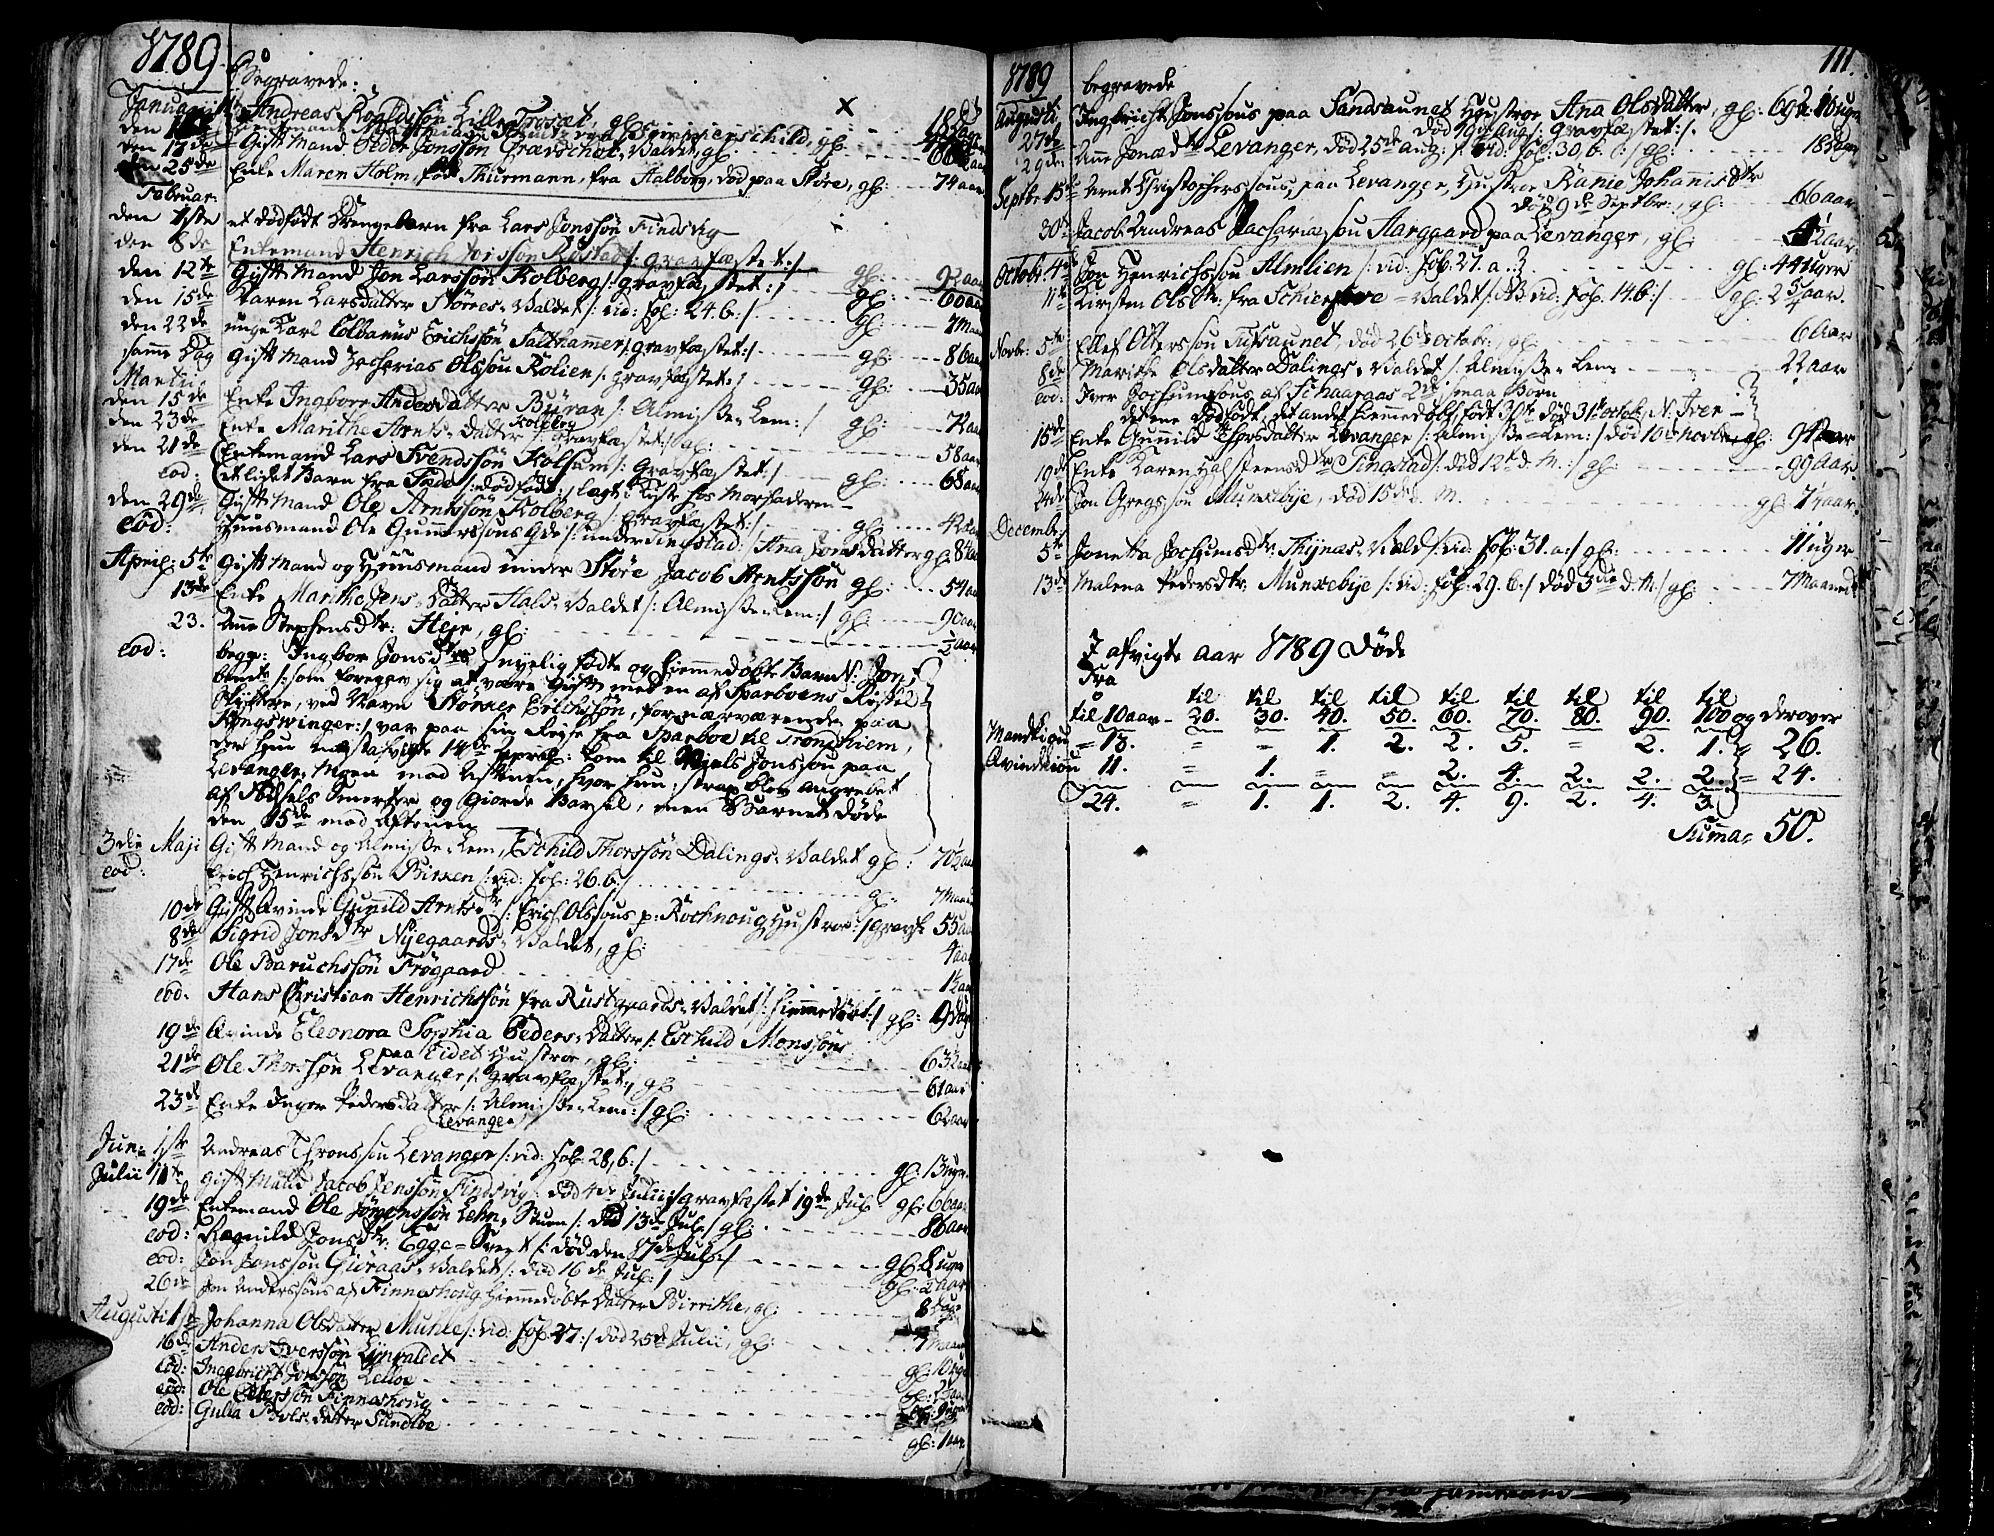 SAT, Ministerialprotokoller, klokkerbøker og fødselsregistre - Nord-Trøndelag, 717/L0142: Ministerialbok nr. 717A02 /1, 1783-1809, s. 111